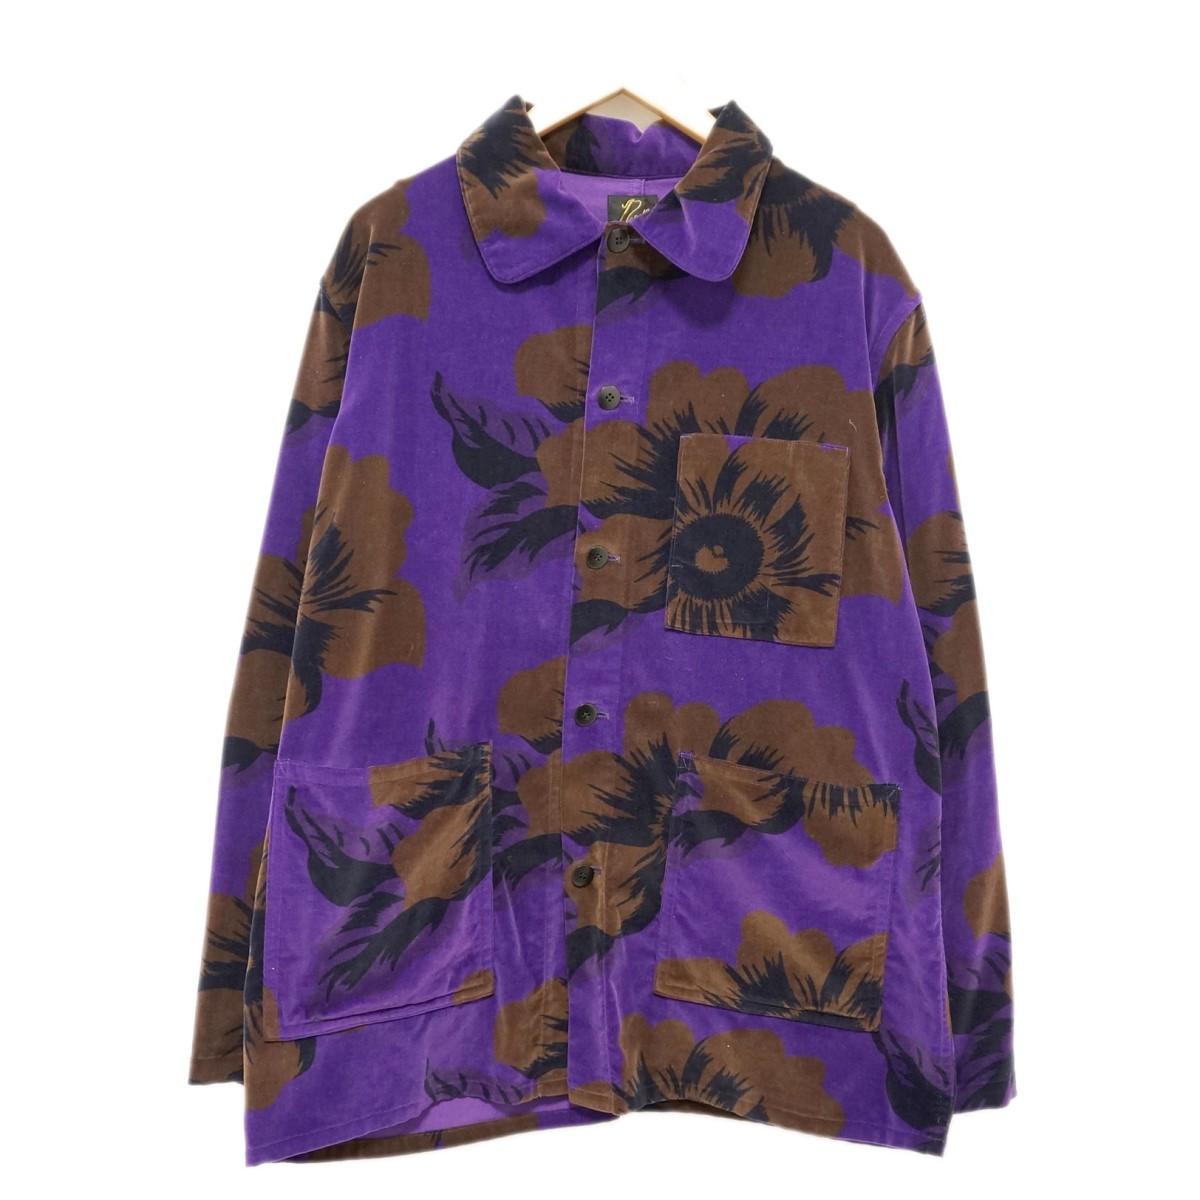 【中古】Needles 19AW ベロアシャツジャケット パープル サイズ:M 【300420】(ニードルス)